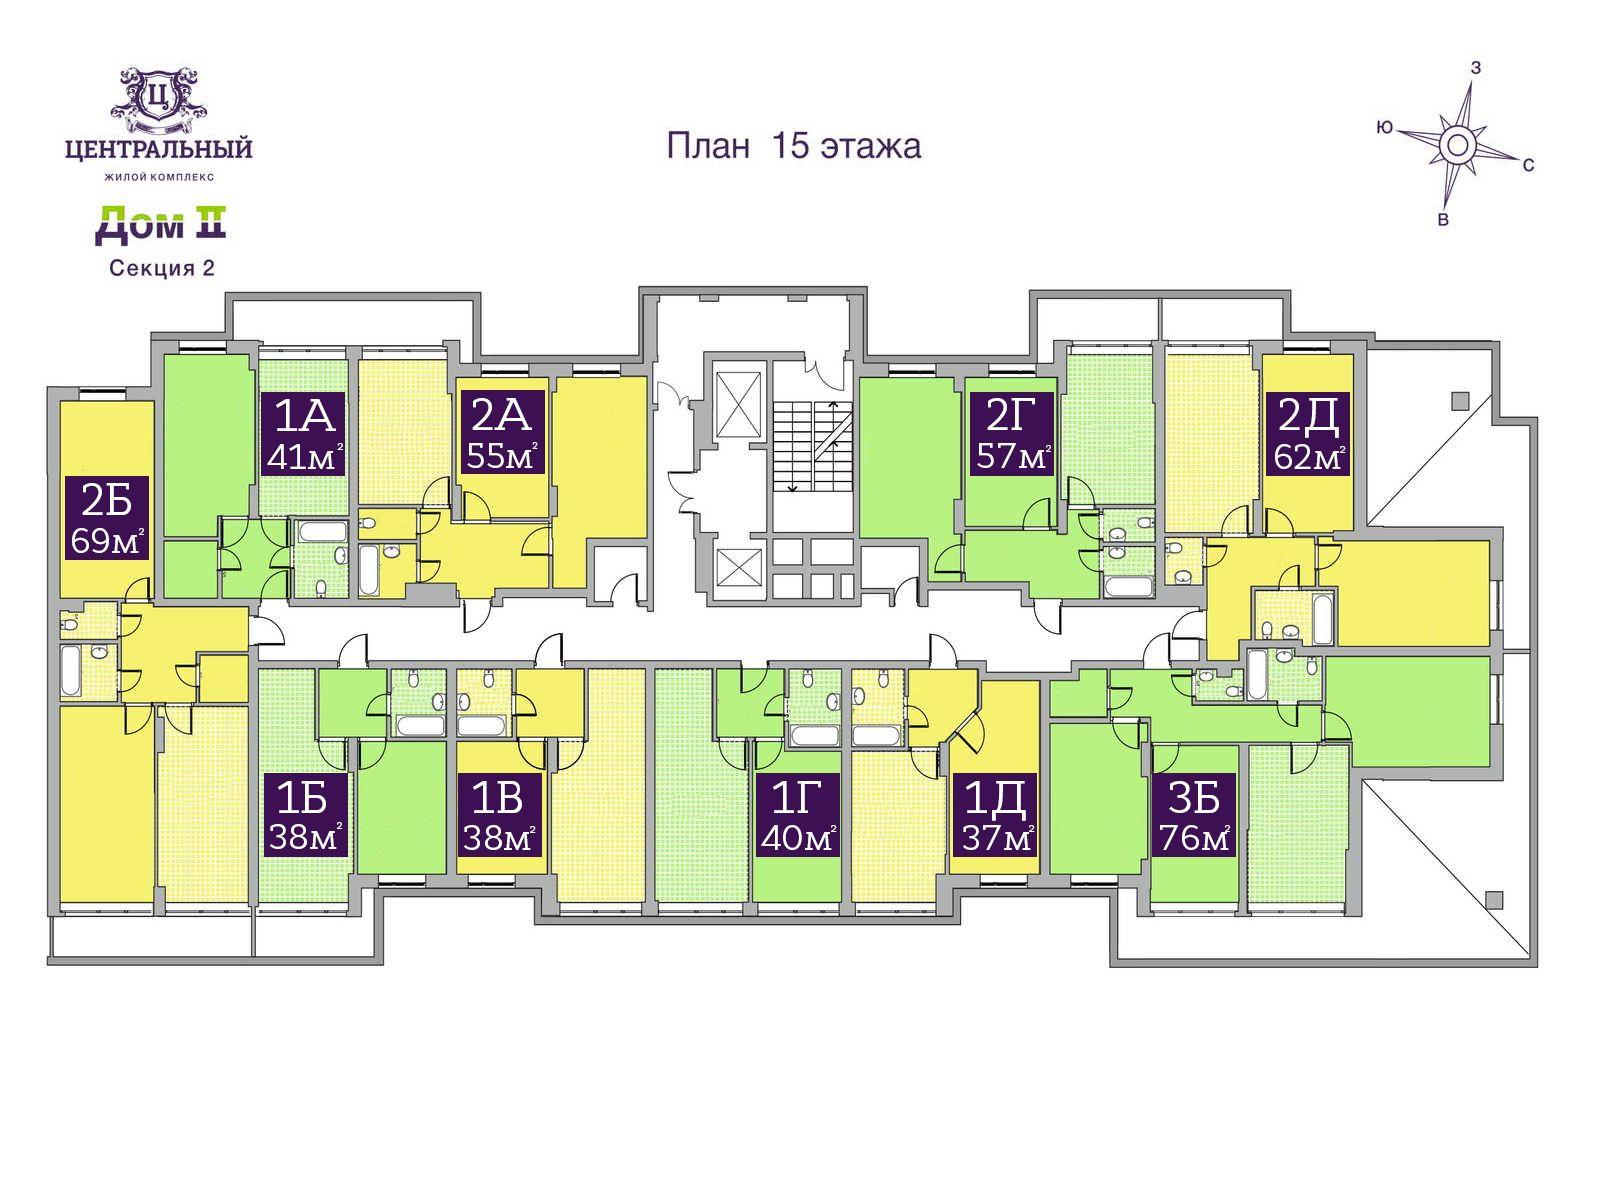 Дом 2. Секция 2. 15 этаж